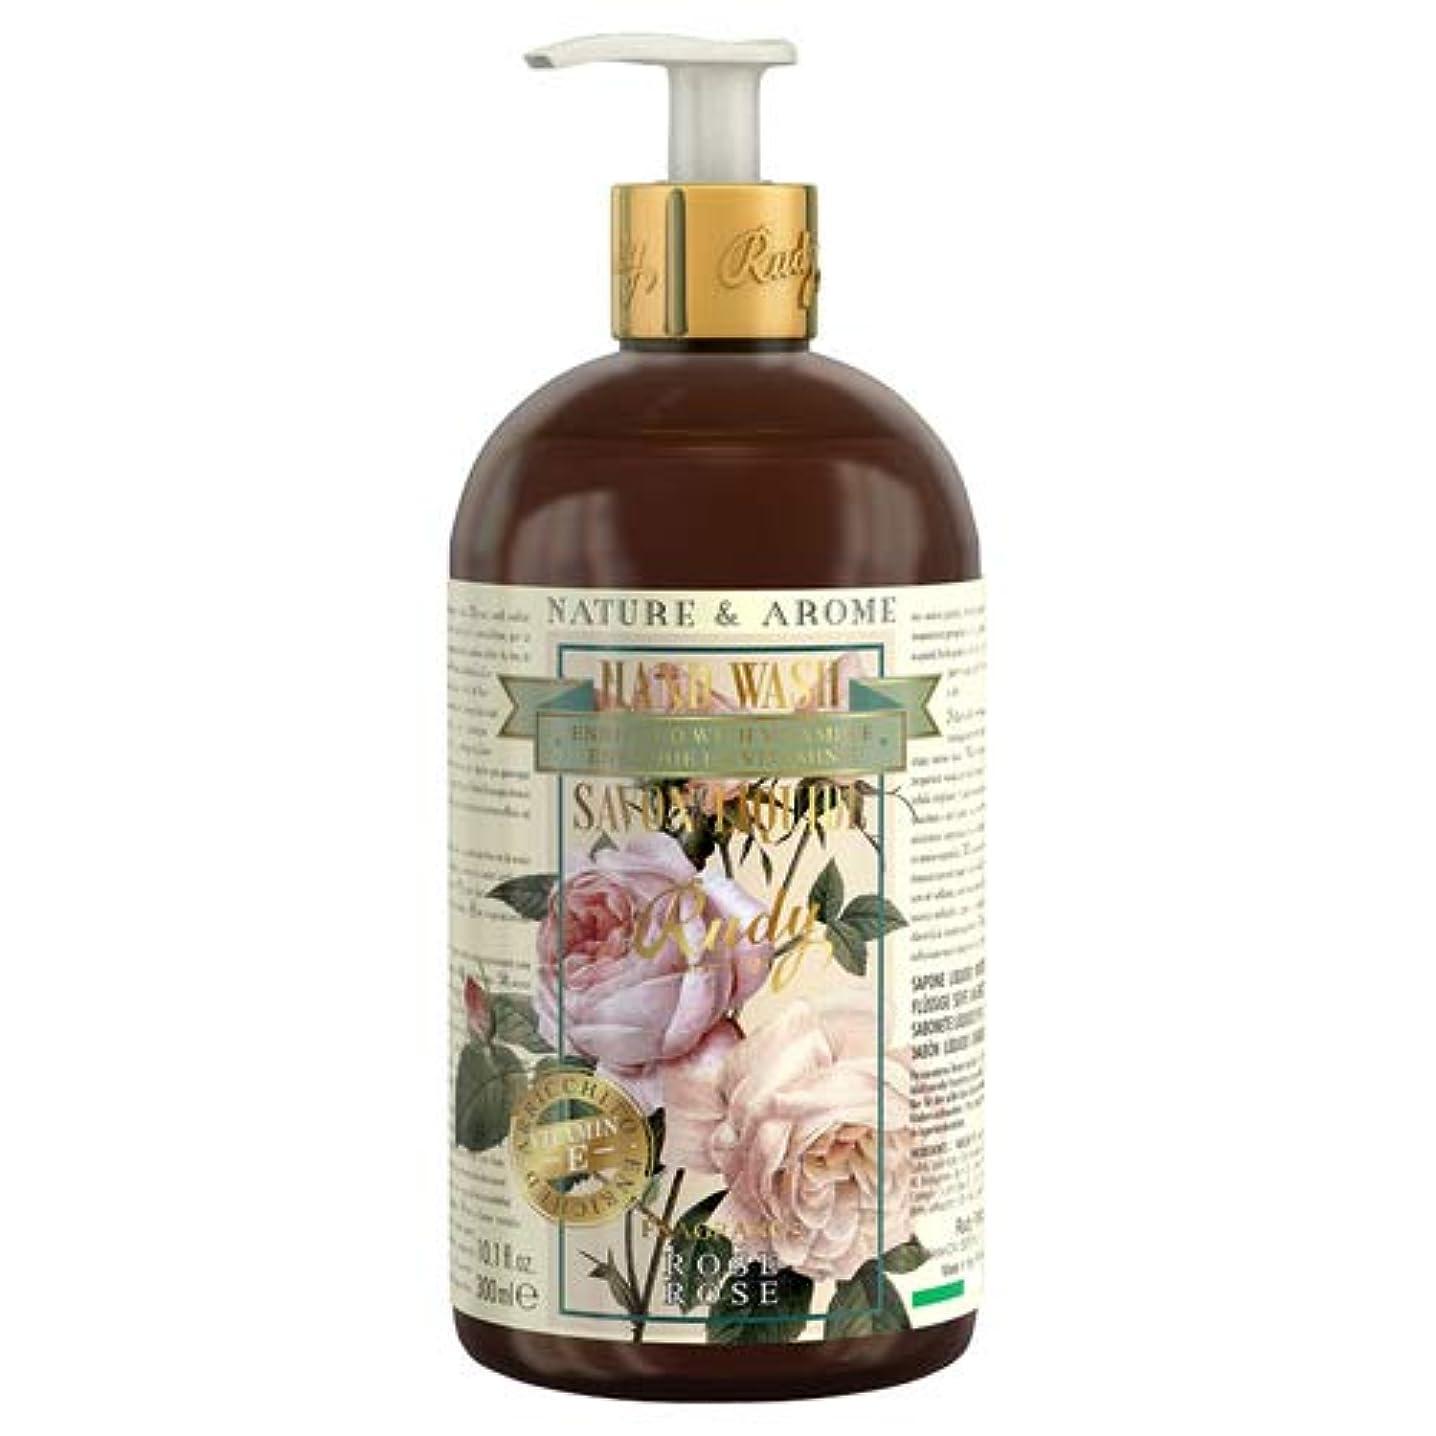 ソーセージダイバー刃RUDY Nature&Arome Apothecary ネイチャーアロマ アポセカリー Hand Wash ハンドウォッシュ(ボディソープ) Rose ローズ